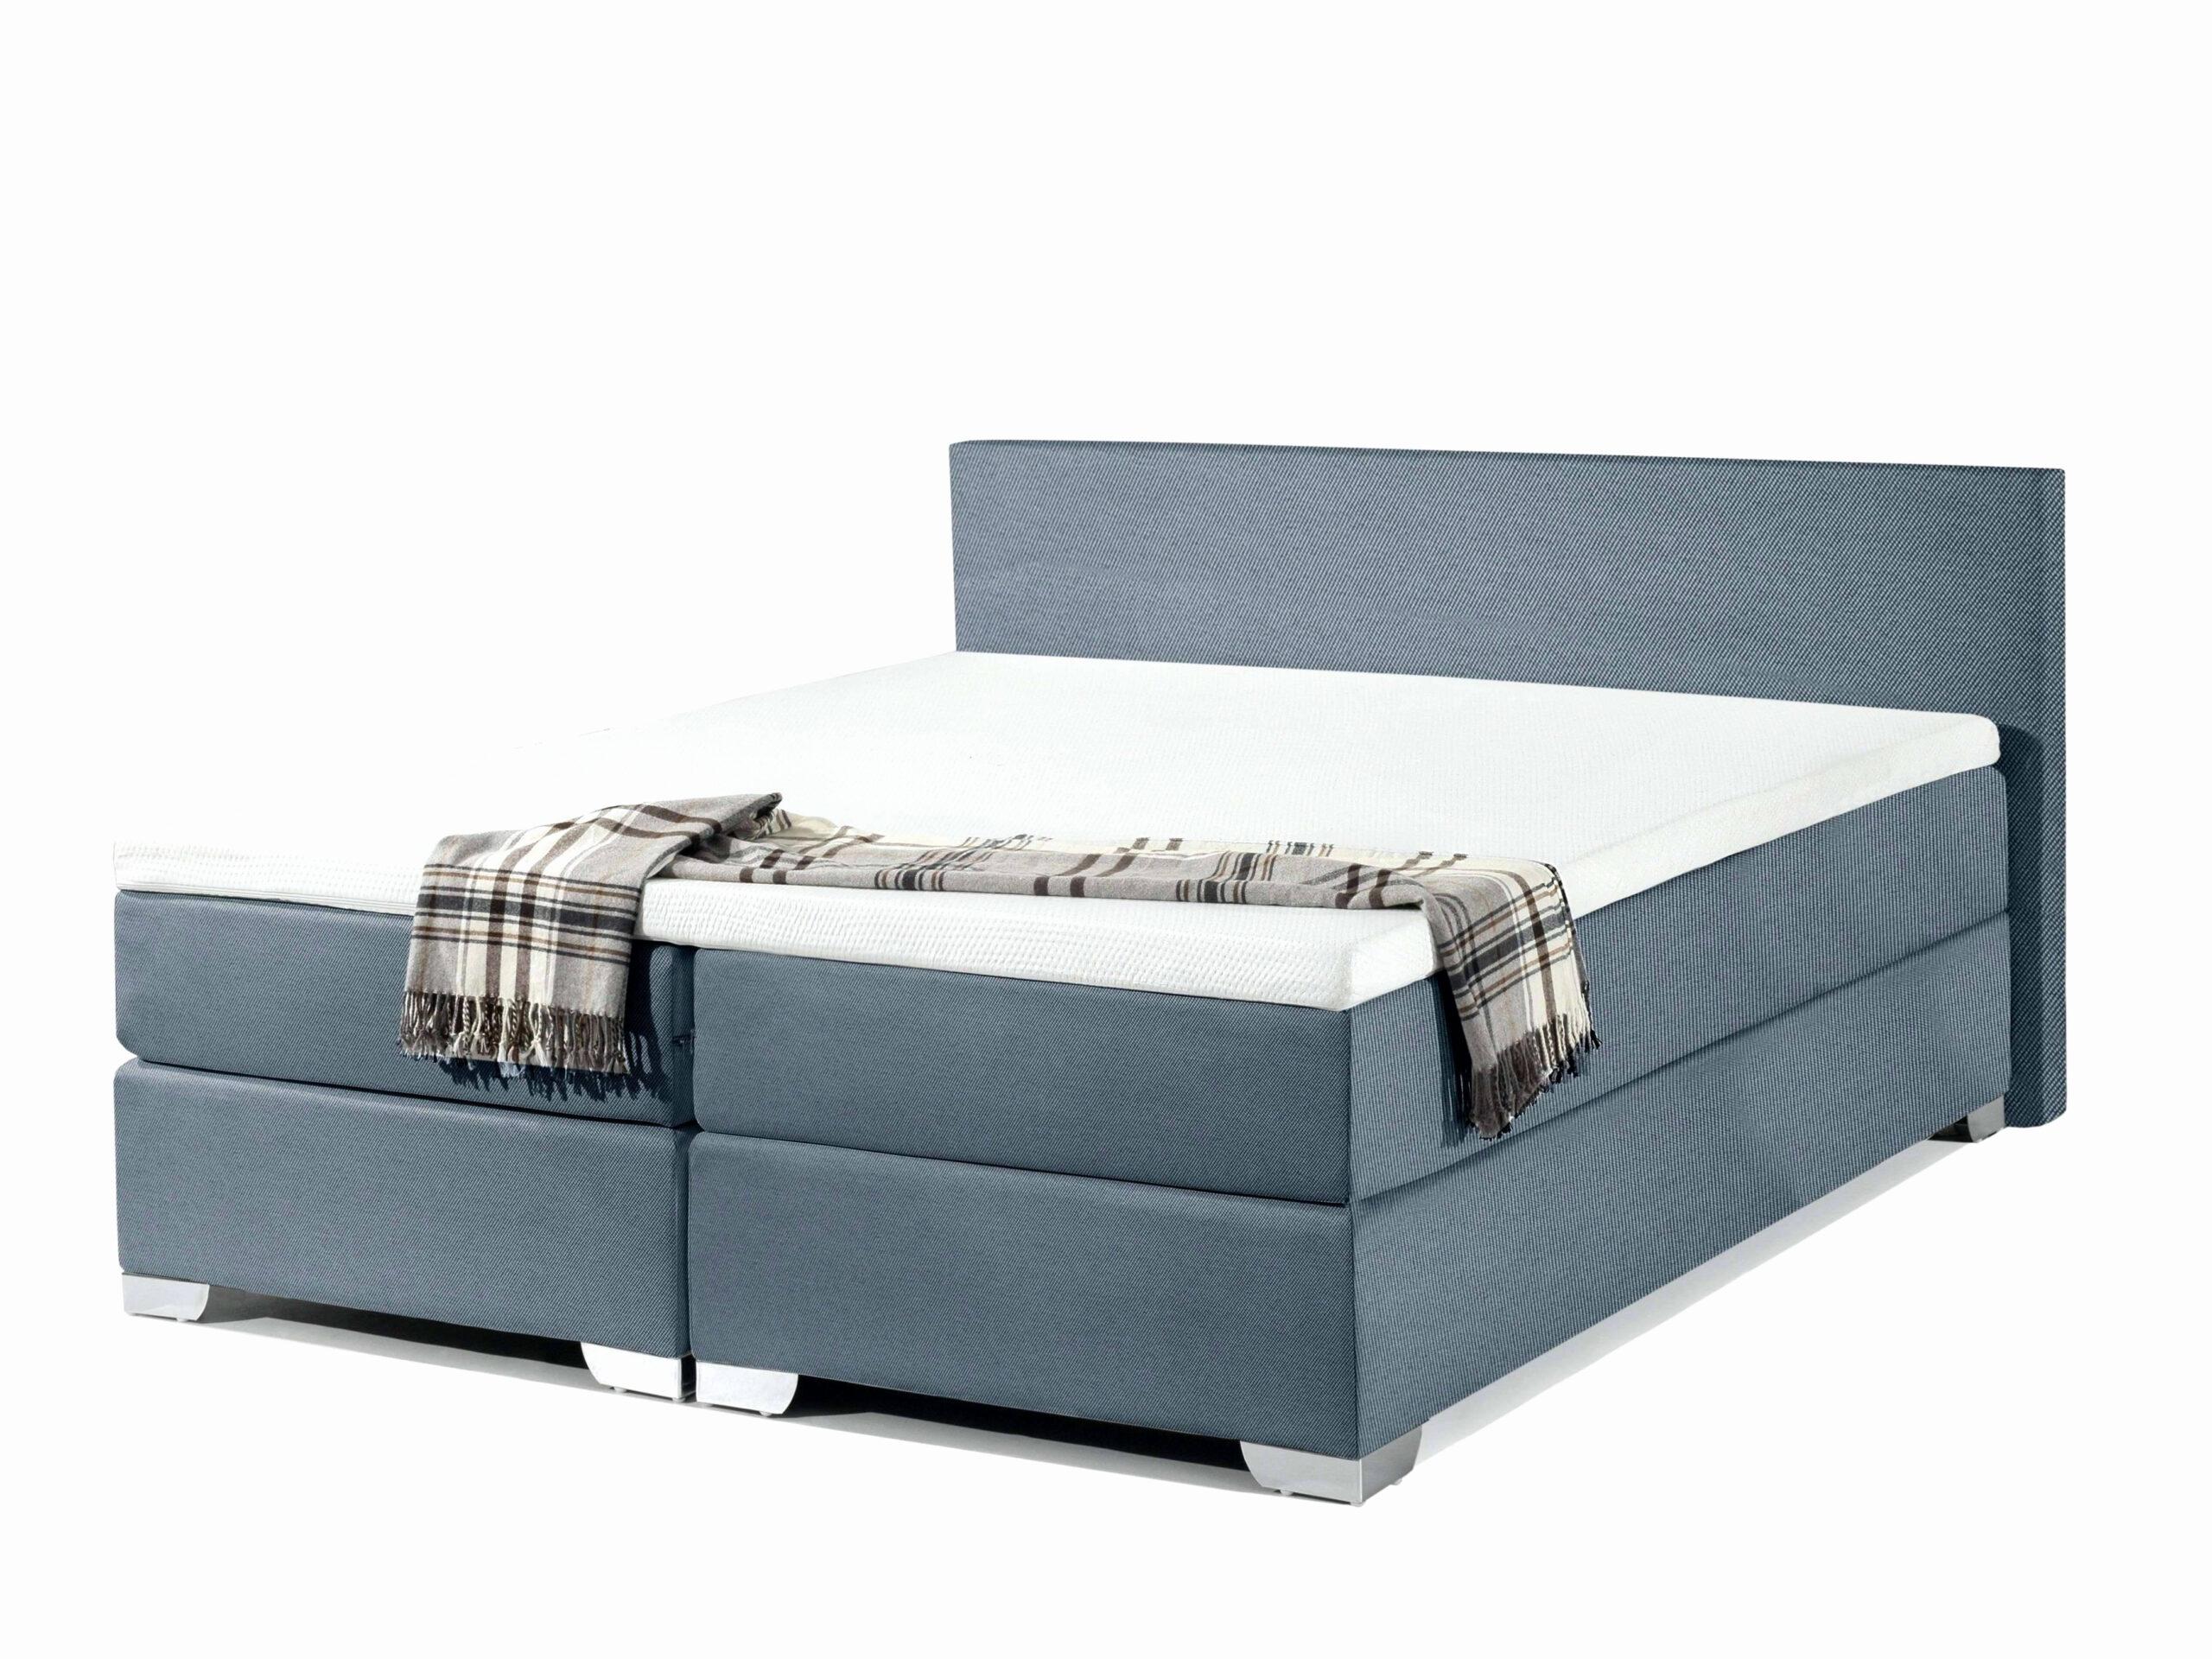 Full Size of Stapelbetten Dänisches Bettenlager 32 3t Bett 90x200 Dnisches Fhrung Badezimmer Wohnzimmer Stapelbetten Dänisches Bettenlager